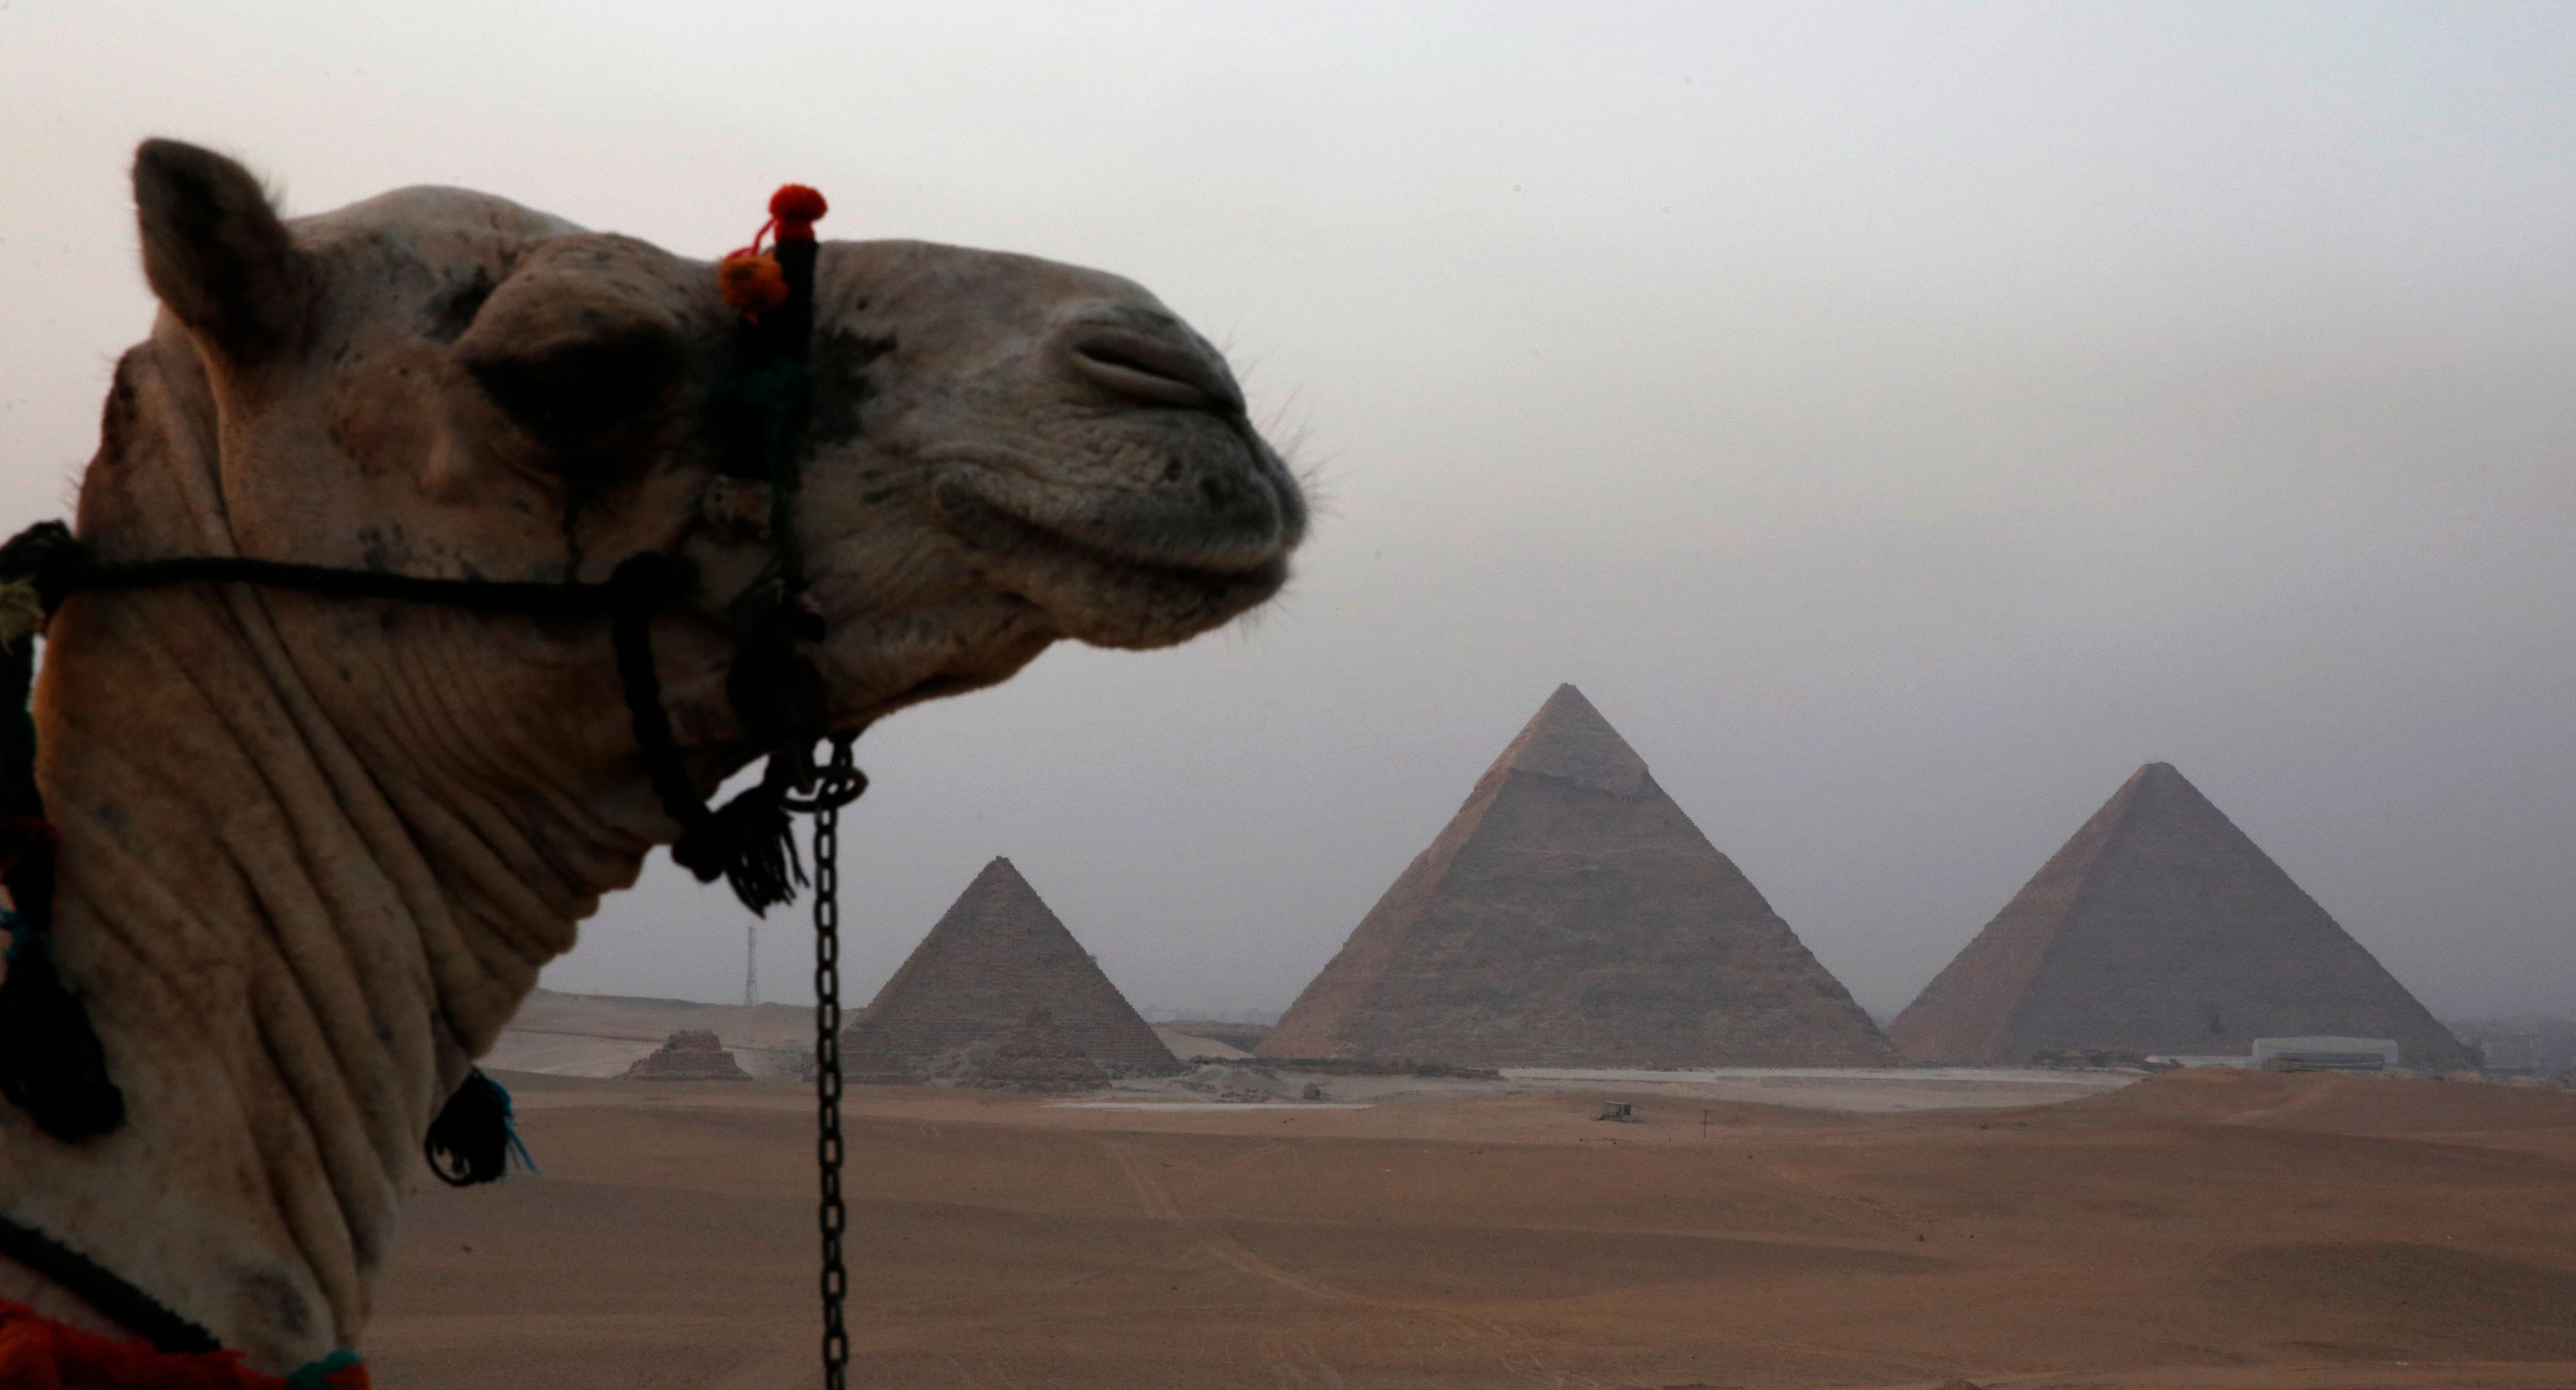 Les mystérieuses anomalies thermiques découvertes dans la pyramide de Khéops fascinent les scientifiques